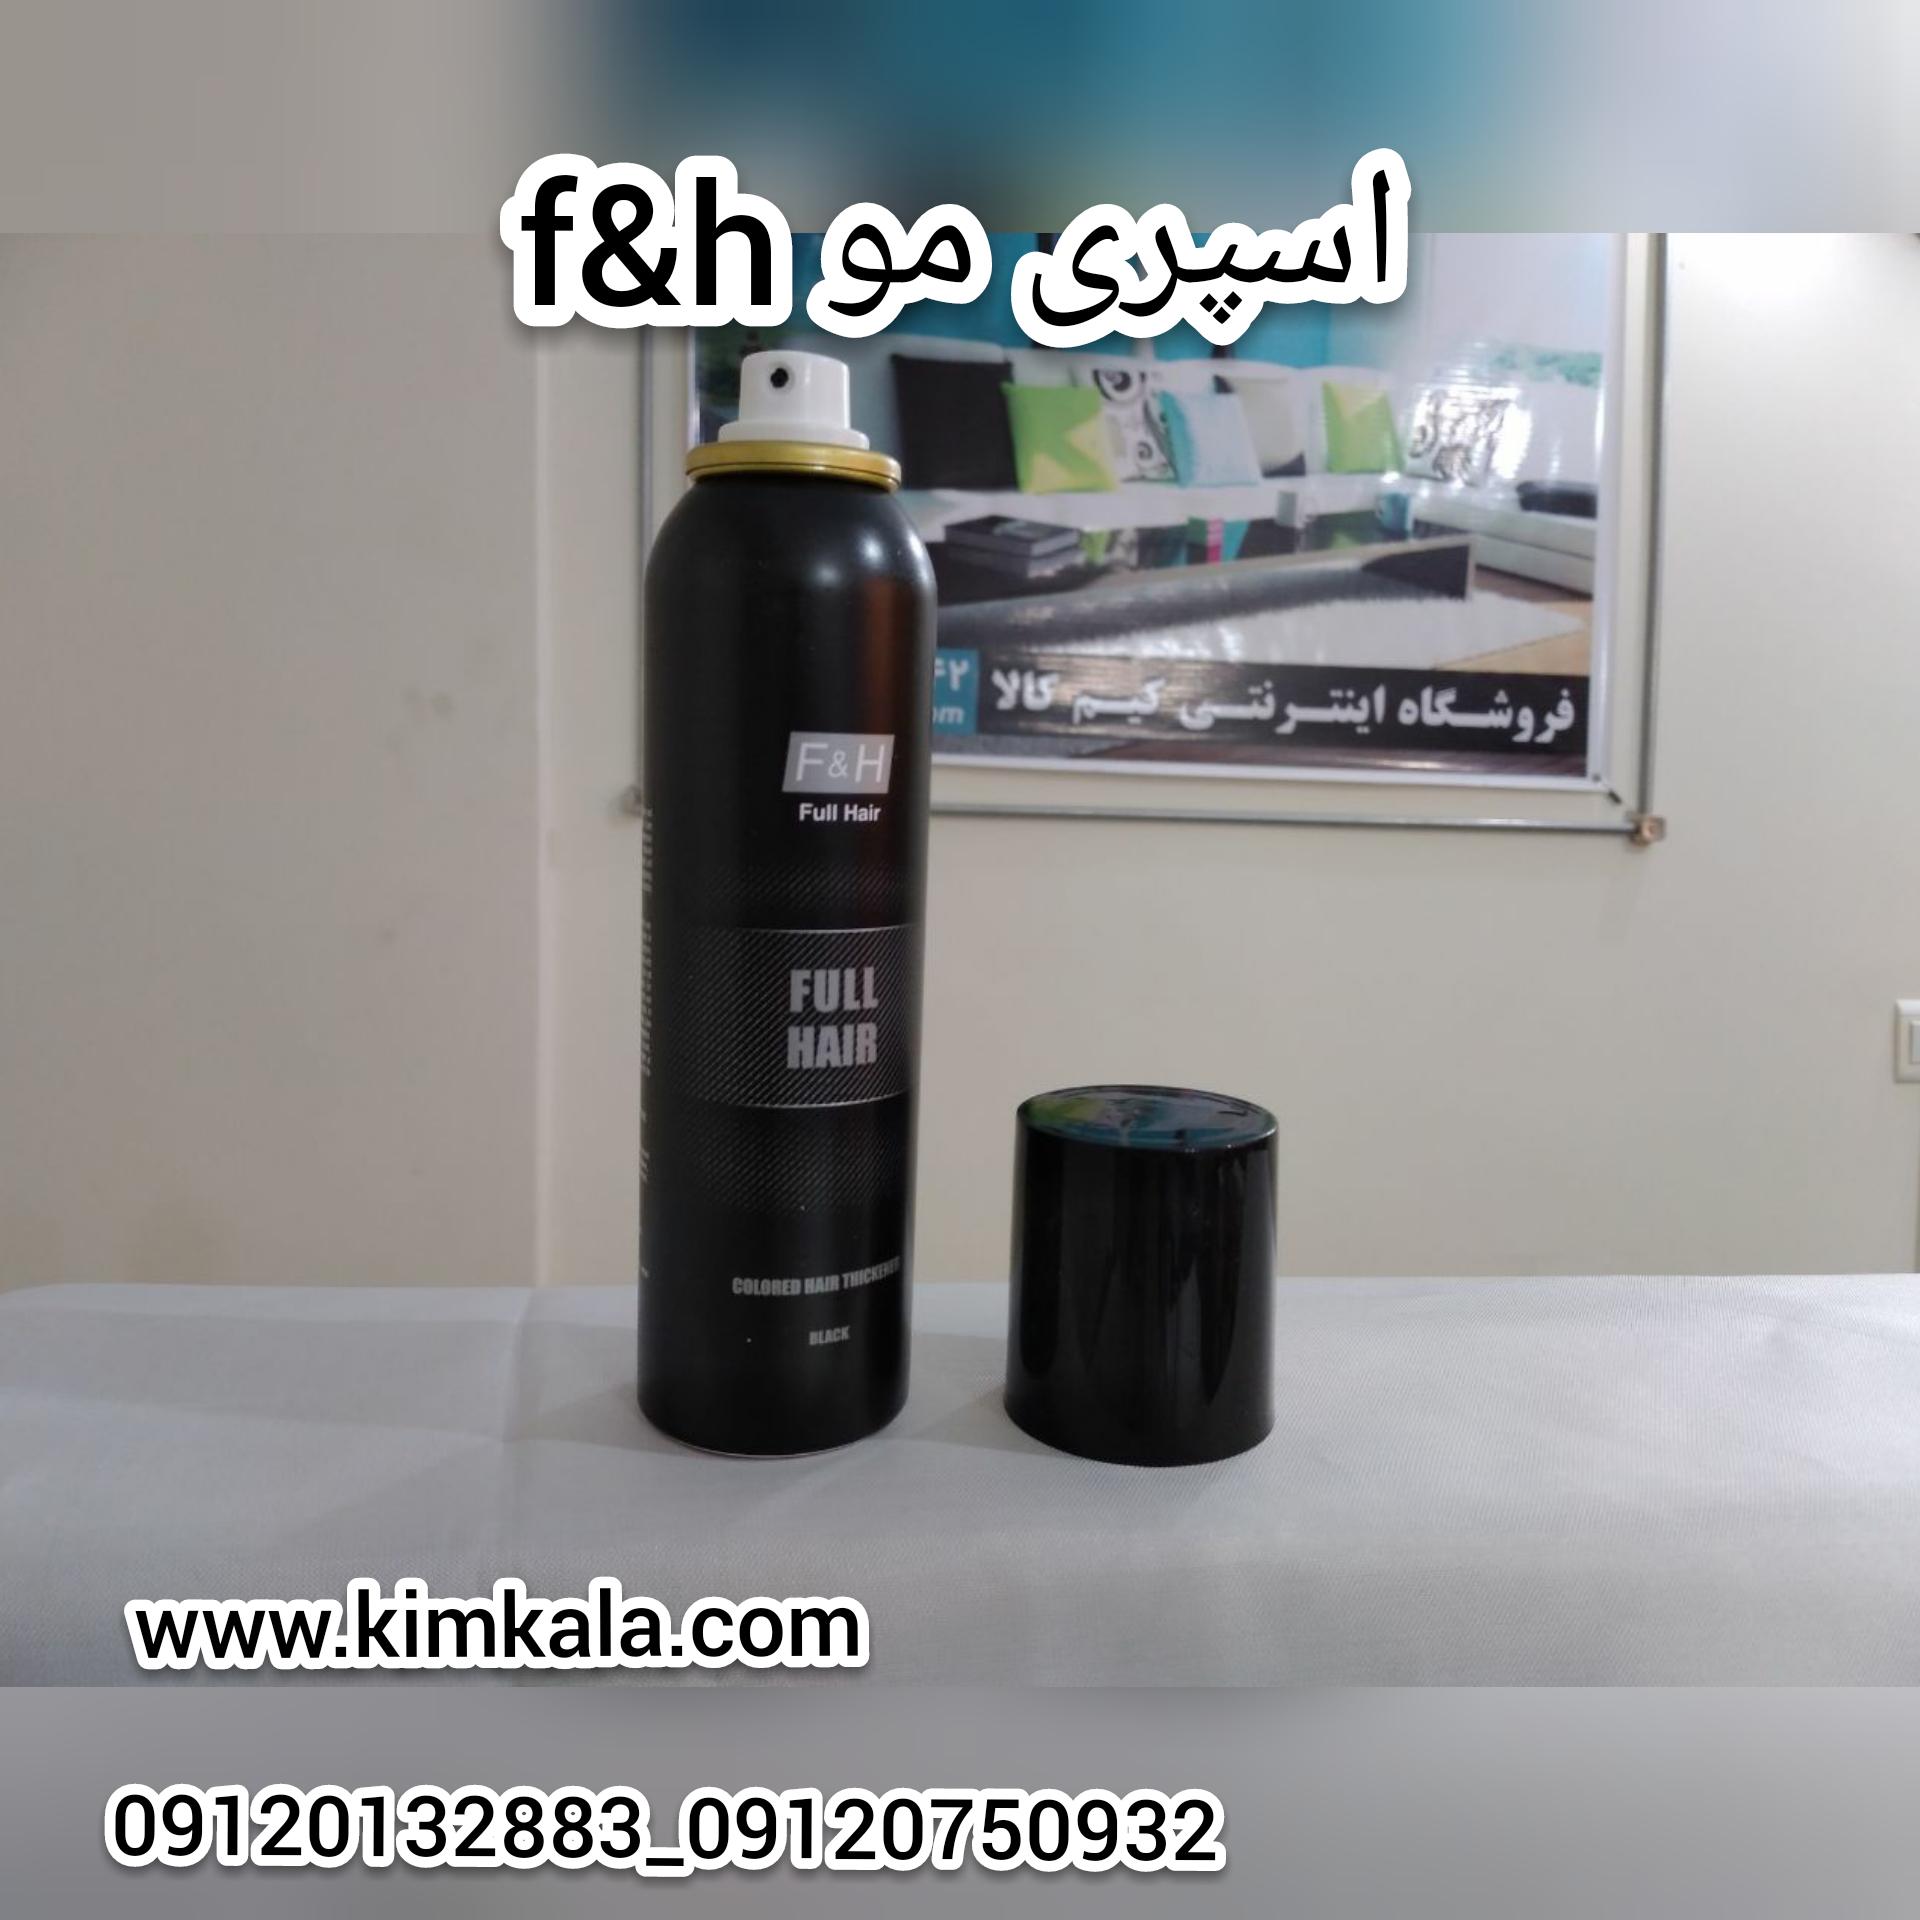 پرپشت کننده موی سر۰۹۱۲۰۱۳۲۸۸۳/پرپشتی سریع مو/جلوگیری از ریزش مو